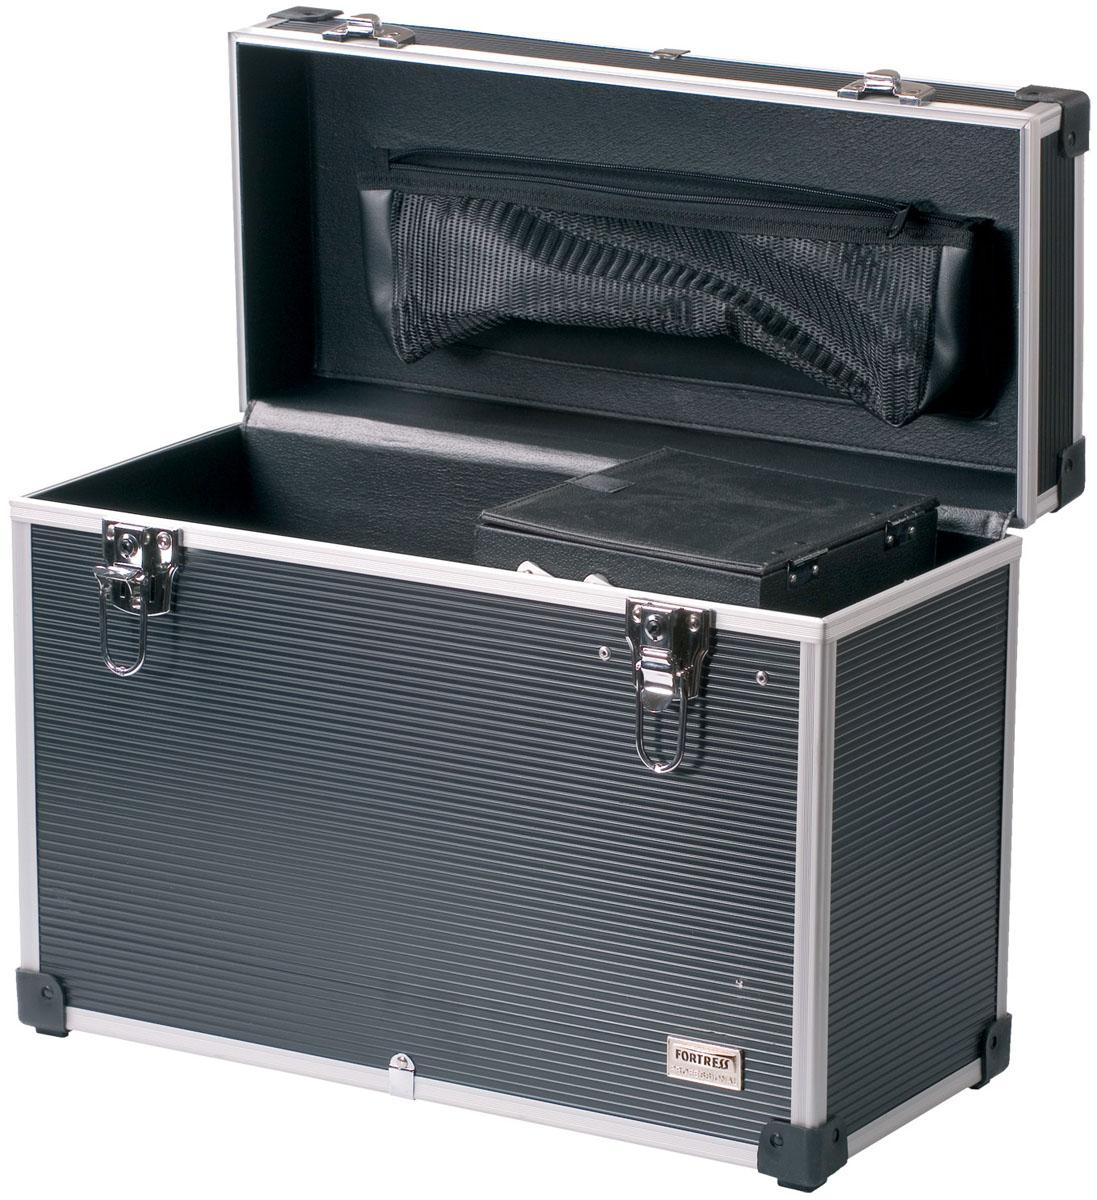 Dewal Чемодан для парикмахерских инструментов, цвет: серый. HV012AHV012AПрактичный и удобный профессиональный чемодан для парикмахерских инструментов DEWAL HV012A предназначен для комфортной транспортировки основных принадлежностей мастера. Эргономичный чемодан для парикмахерских инструментов изготовлен из качественного серого пластика и имеет каркас из алюминия. Вместительное внутреннее отделение дополнено выдвижным модулем для хранения не крупных принадлежностей и аксессуаров. На крышке закреплен большой объемный карман на молнии. Чемодан снабжен пластиковой ручкой и двумя замками-защелками, которые можно закрыть на ключ. Данный аксессуар поможет мастеру хранить разнообразные парикмахерские инструменты в одном месте, к тому же его можно взять с собой в случае работы на дому или путешествия.